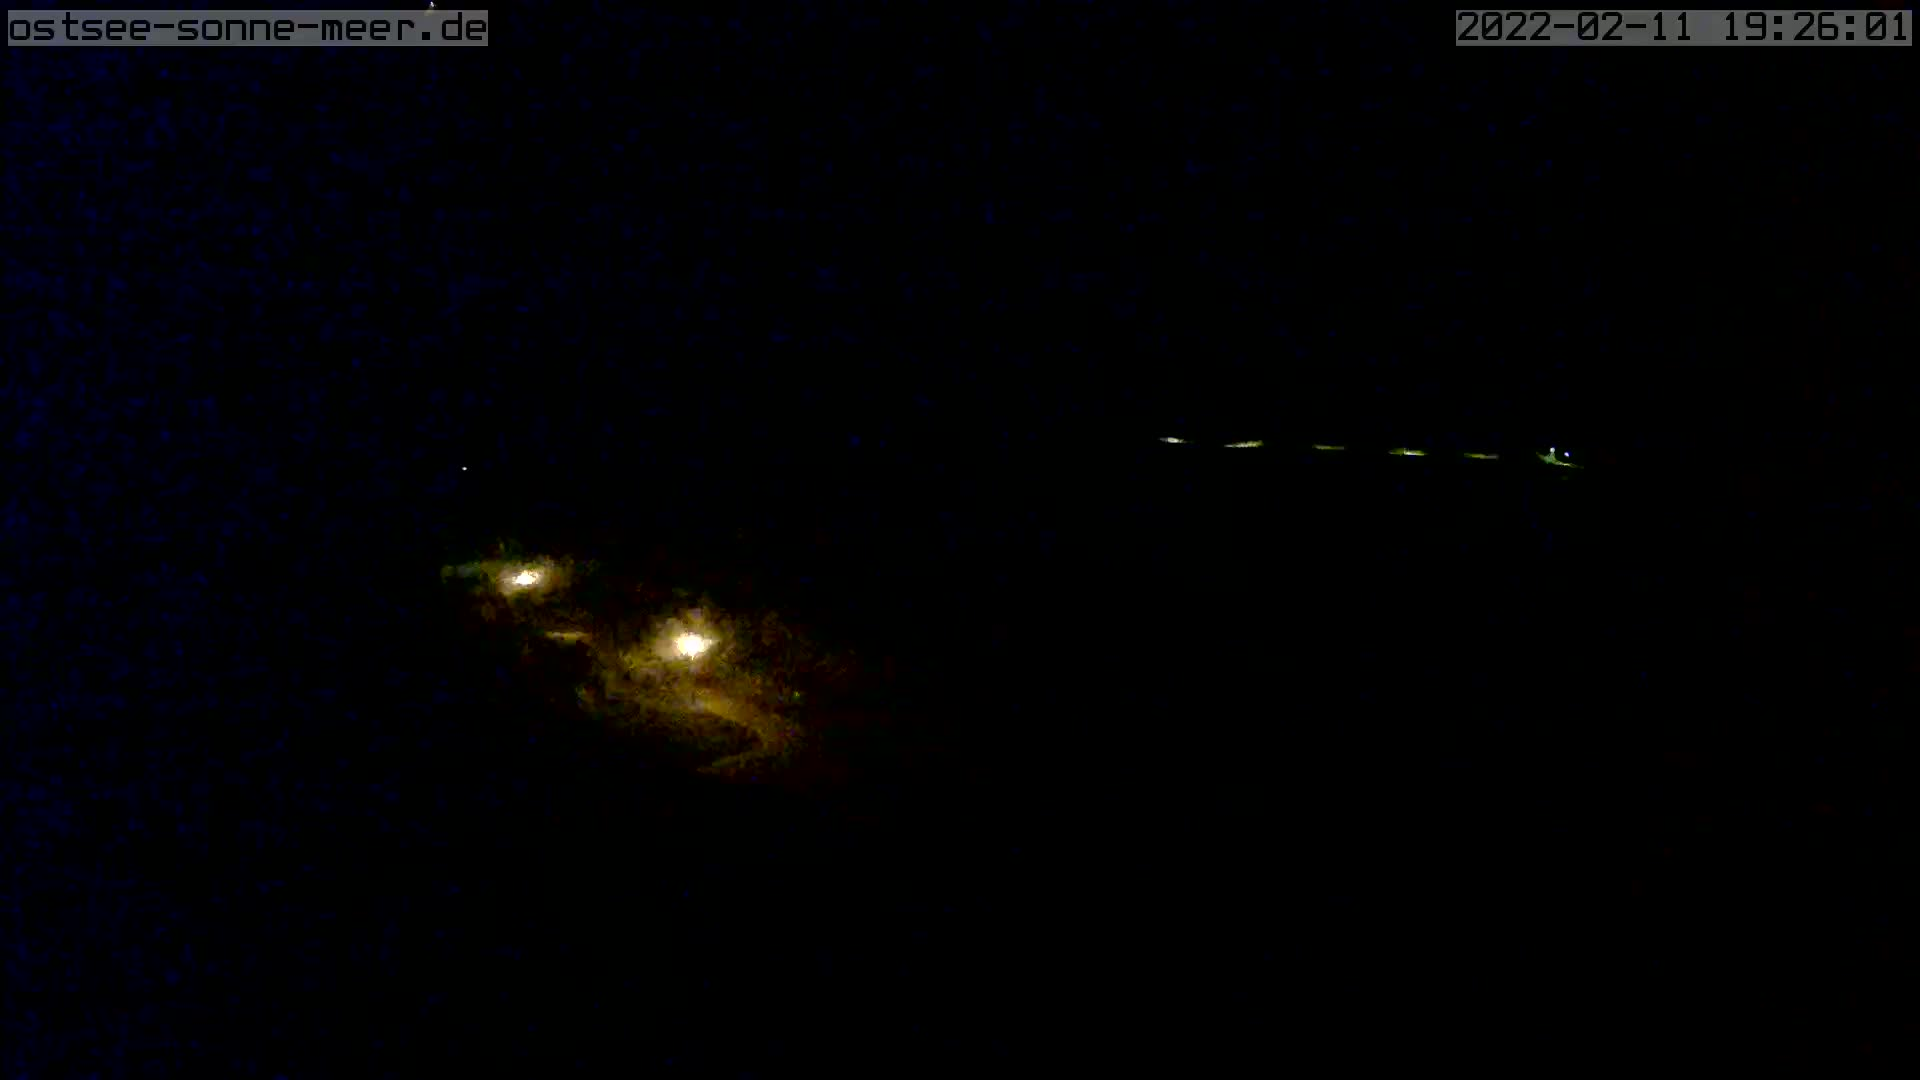 Webcam  Ostsee  Sonne  Meer